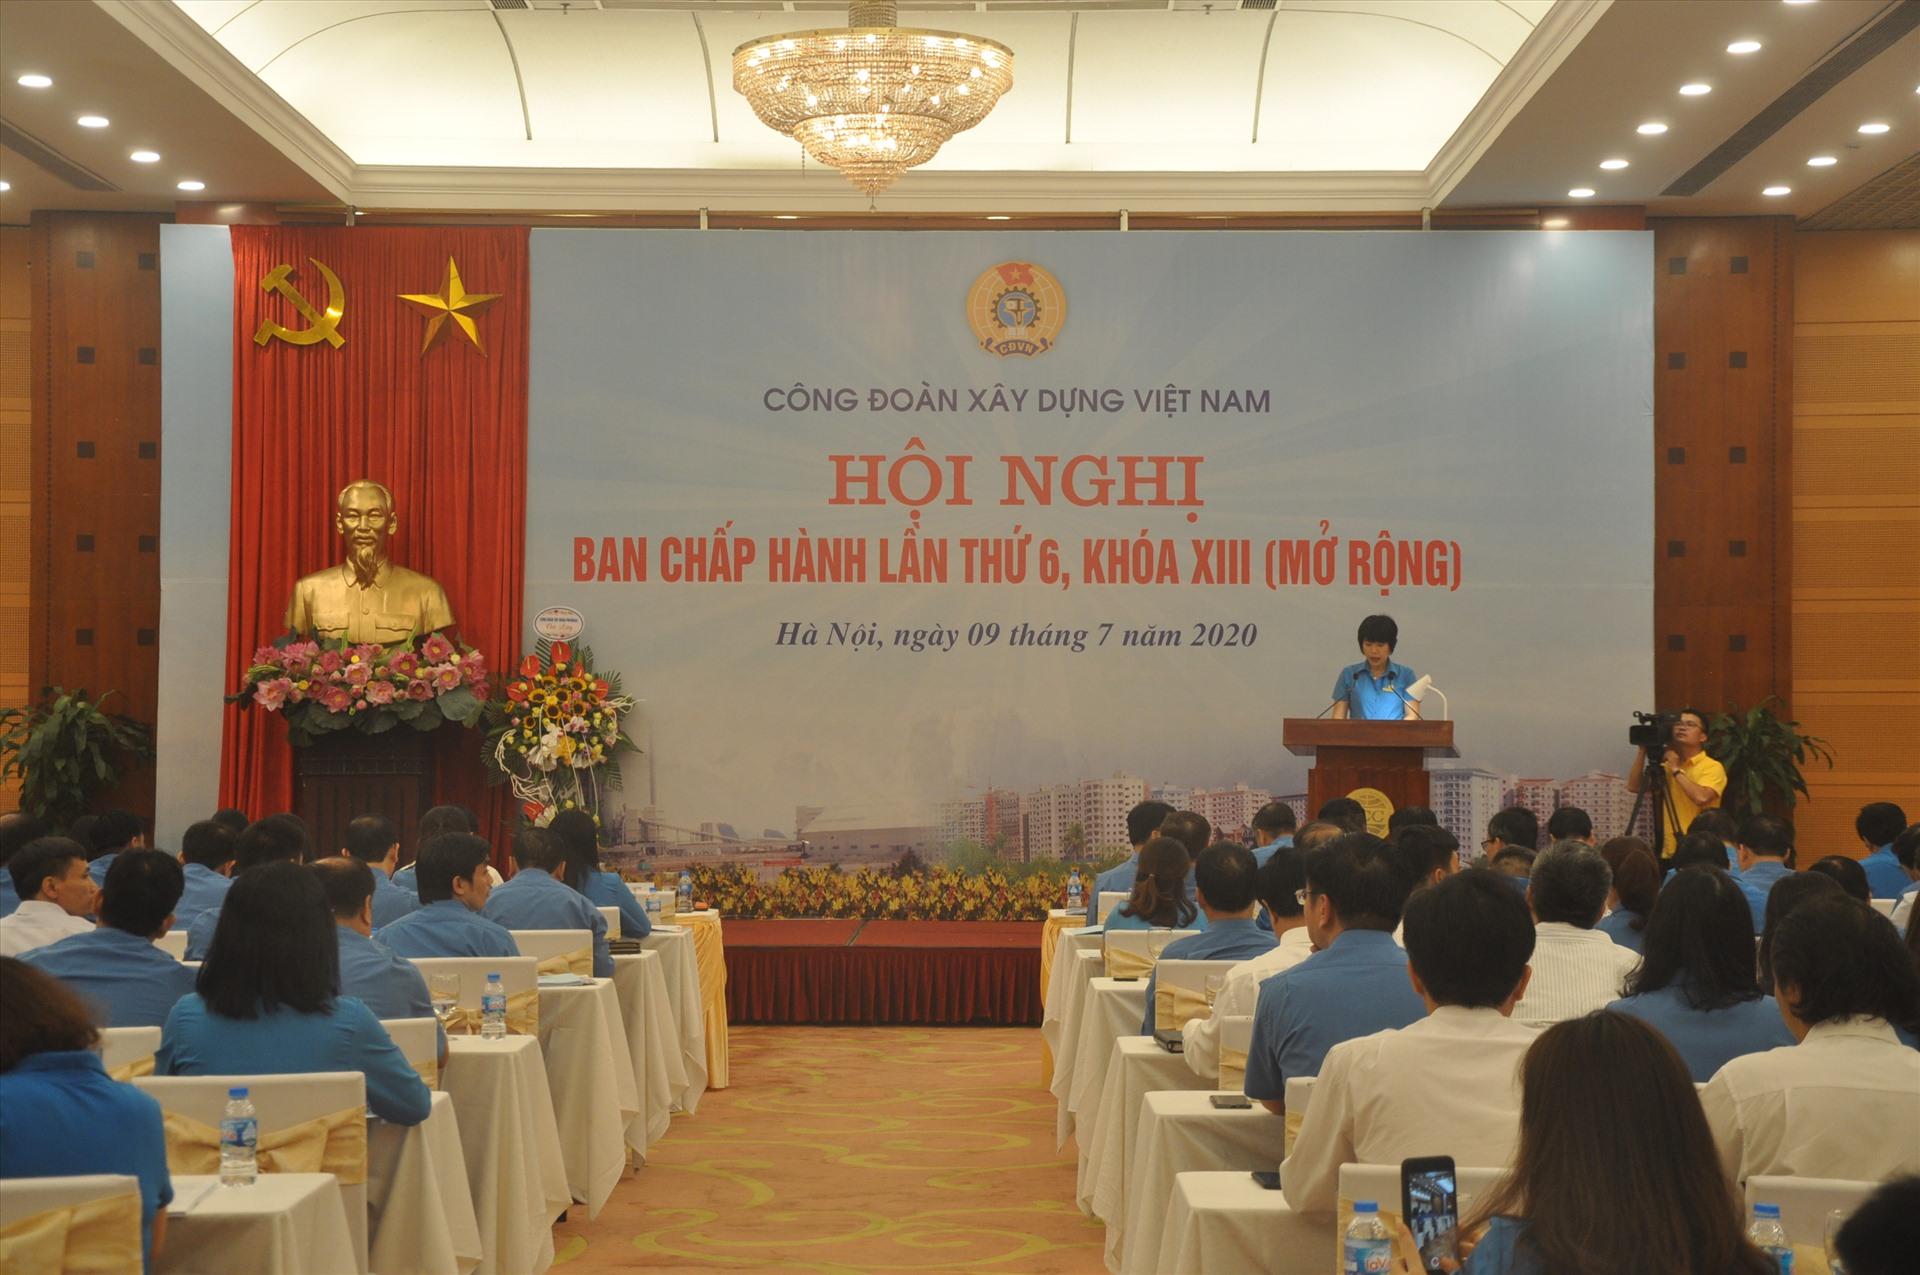 Chủ tịch Công đoàn Xây dựng Việt Nam Nguyễn Thị Thuỷ Lệ phát biểu tại hội nghị. Ảnh: Bảo Hân.